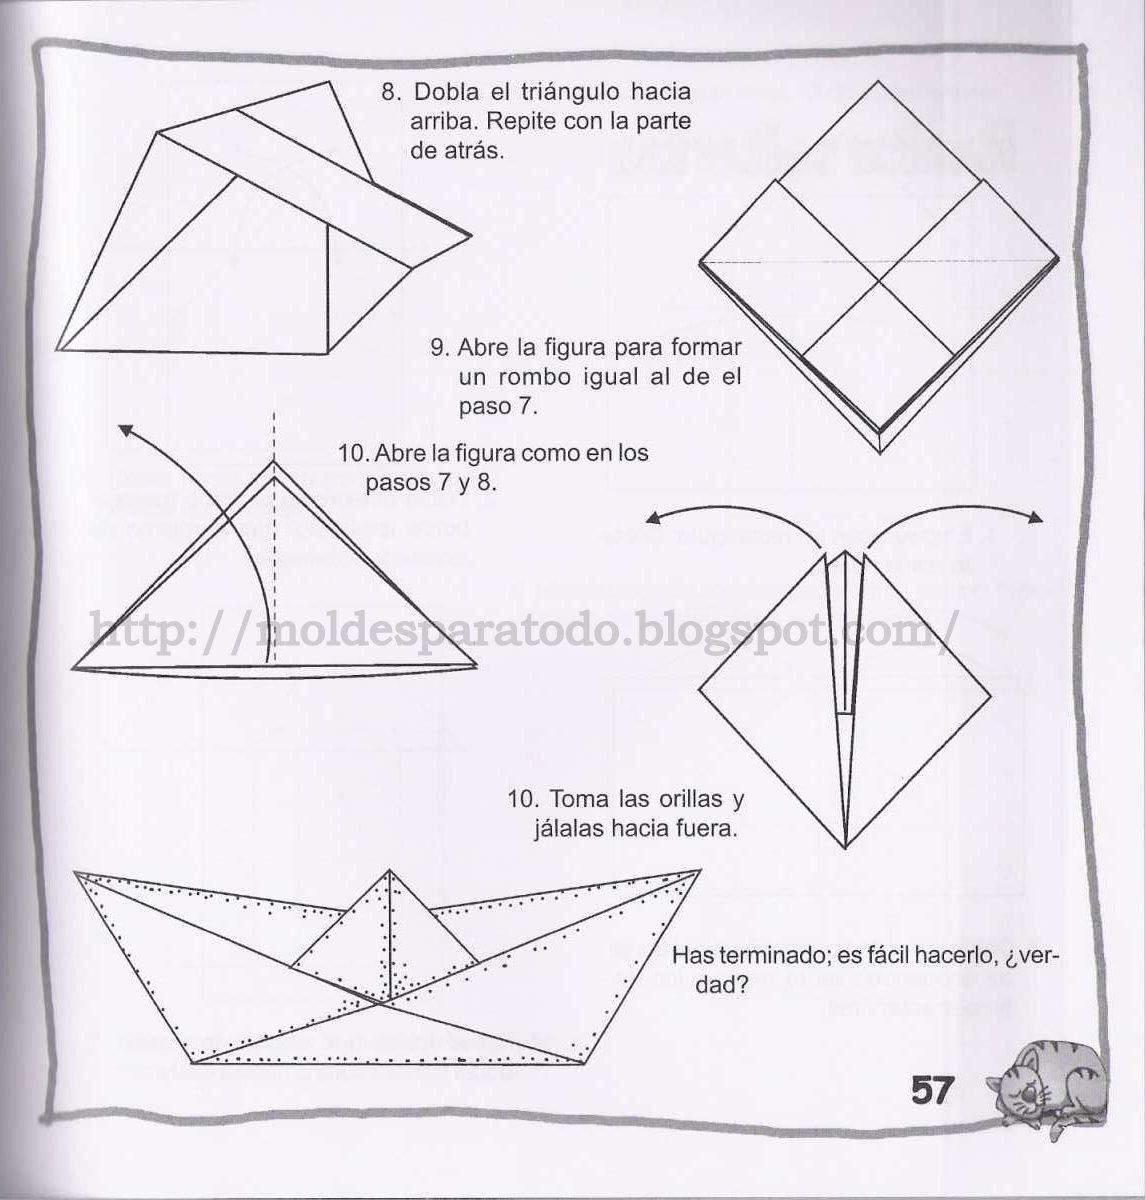 Mundo fili cmo hacer barcos de papel papiroflexia paso - Papiroflexia paso a paso ...